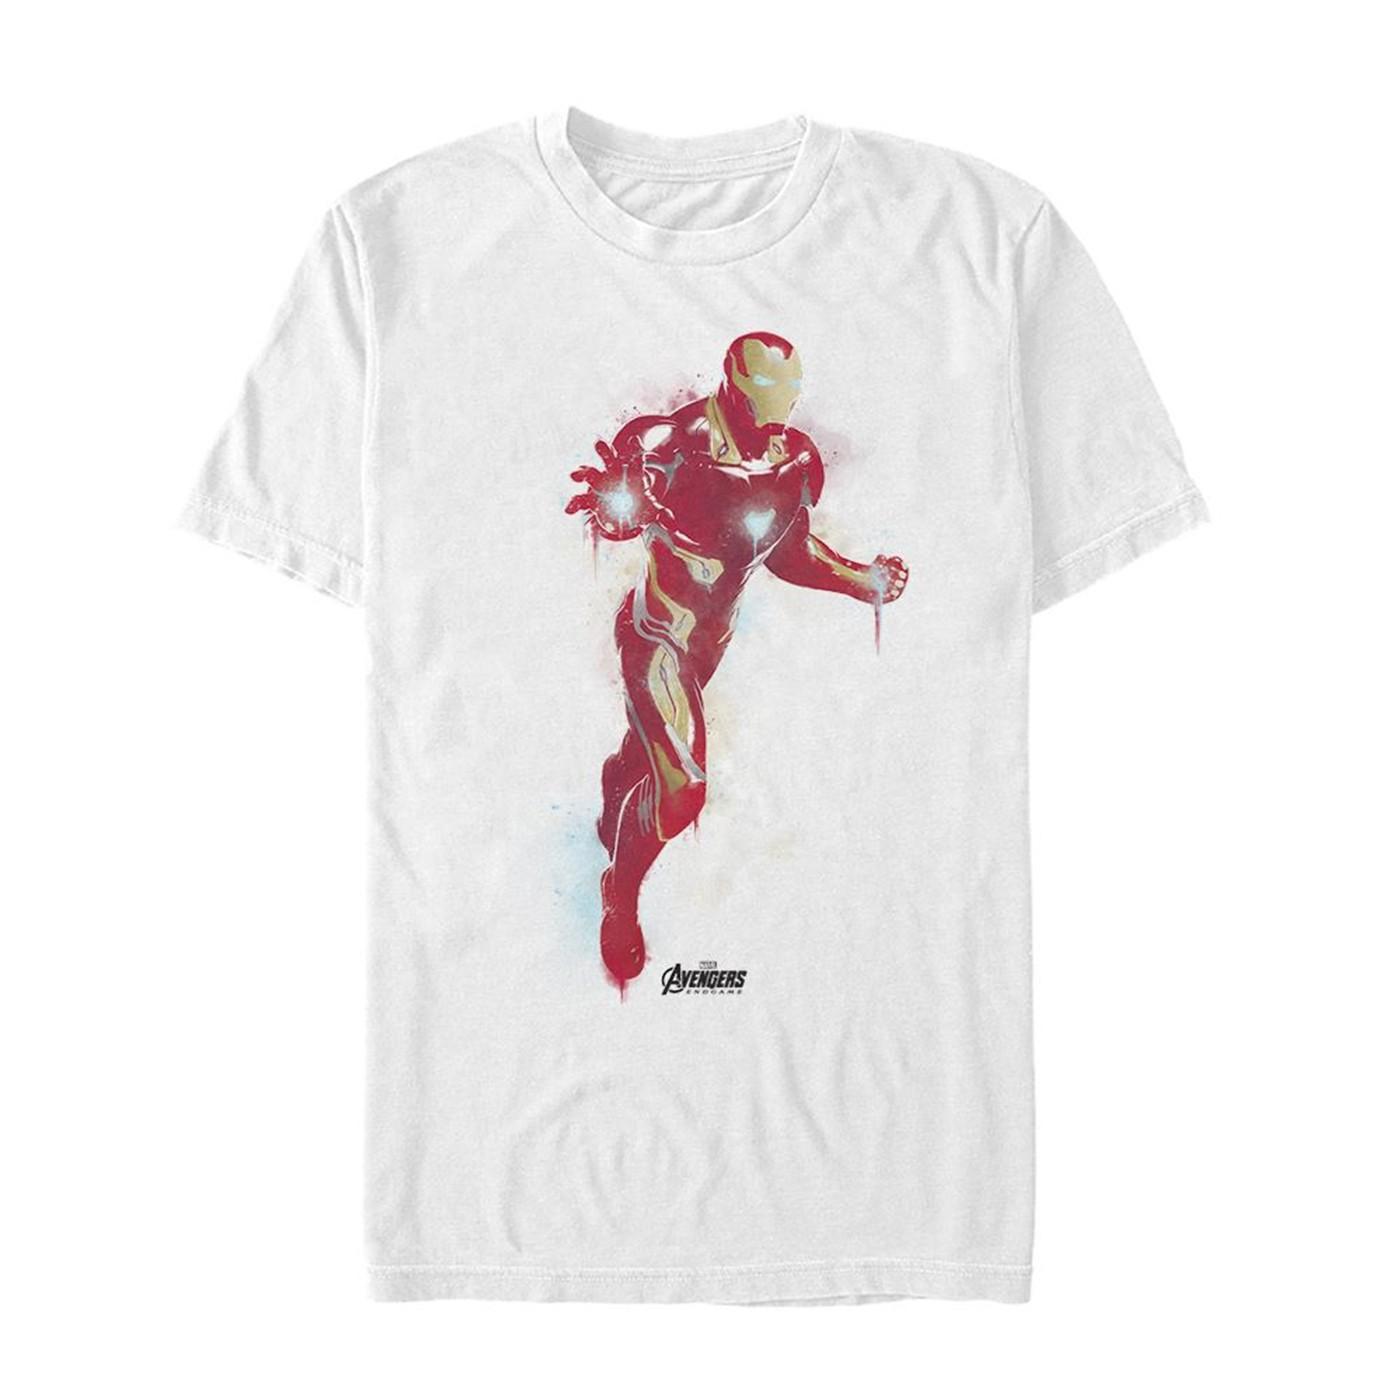 Avenger Endgame Iron Man Painted Men's T-Shirt